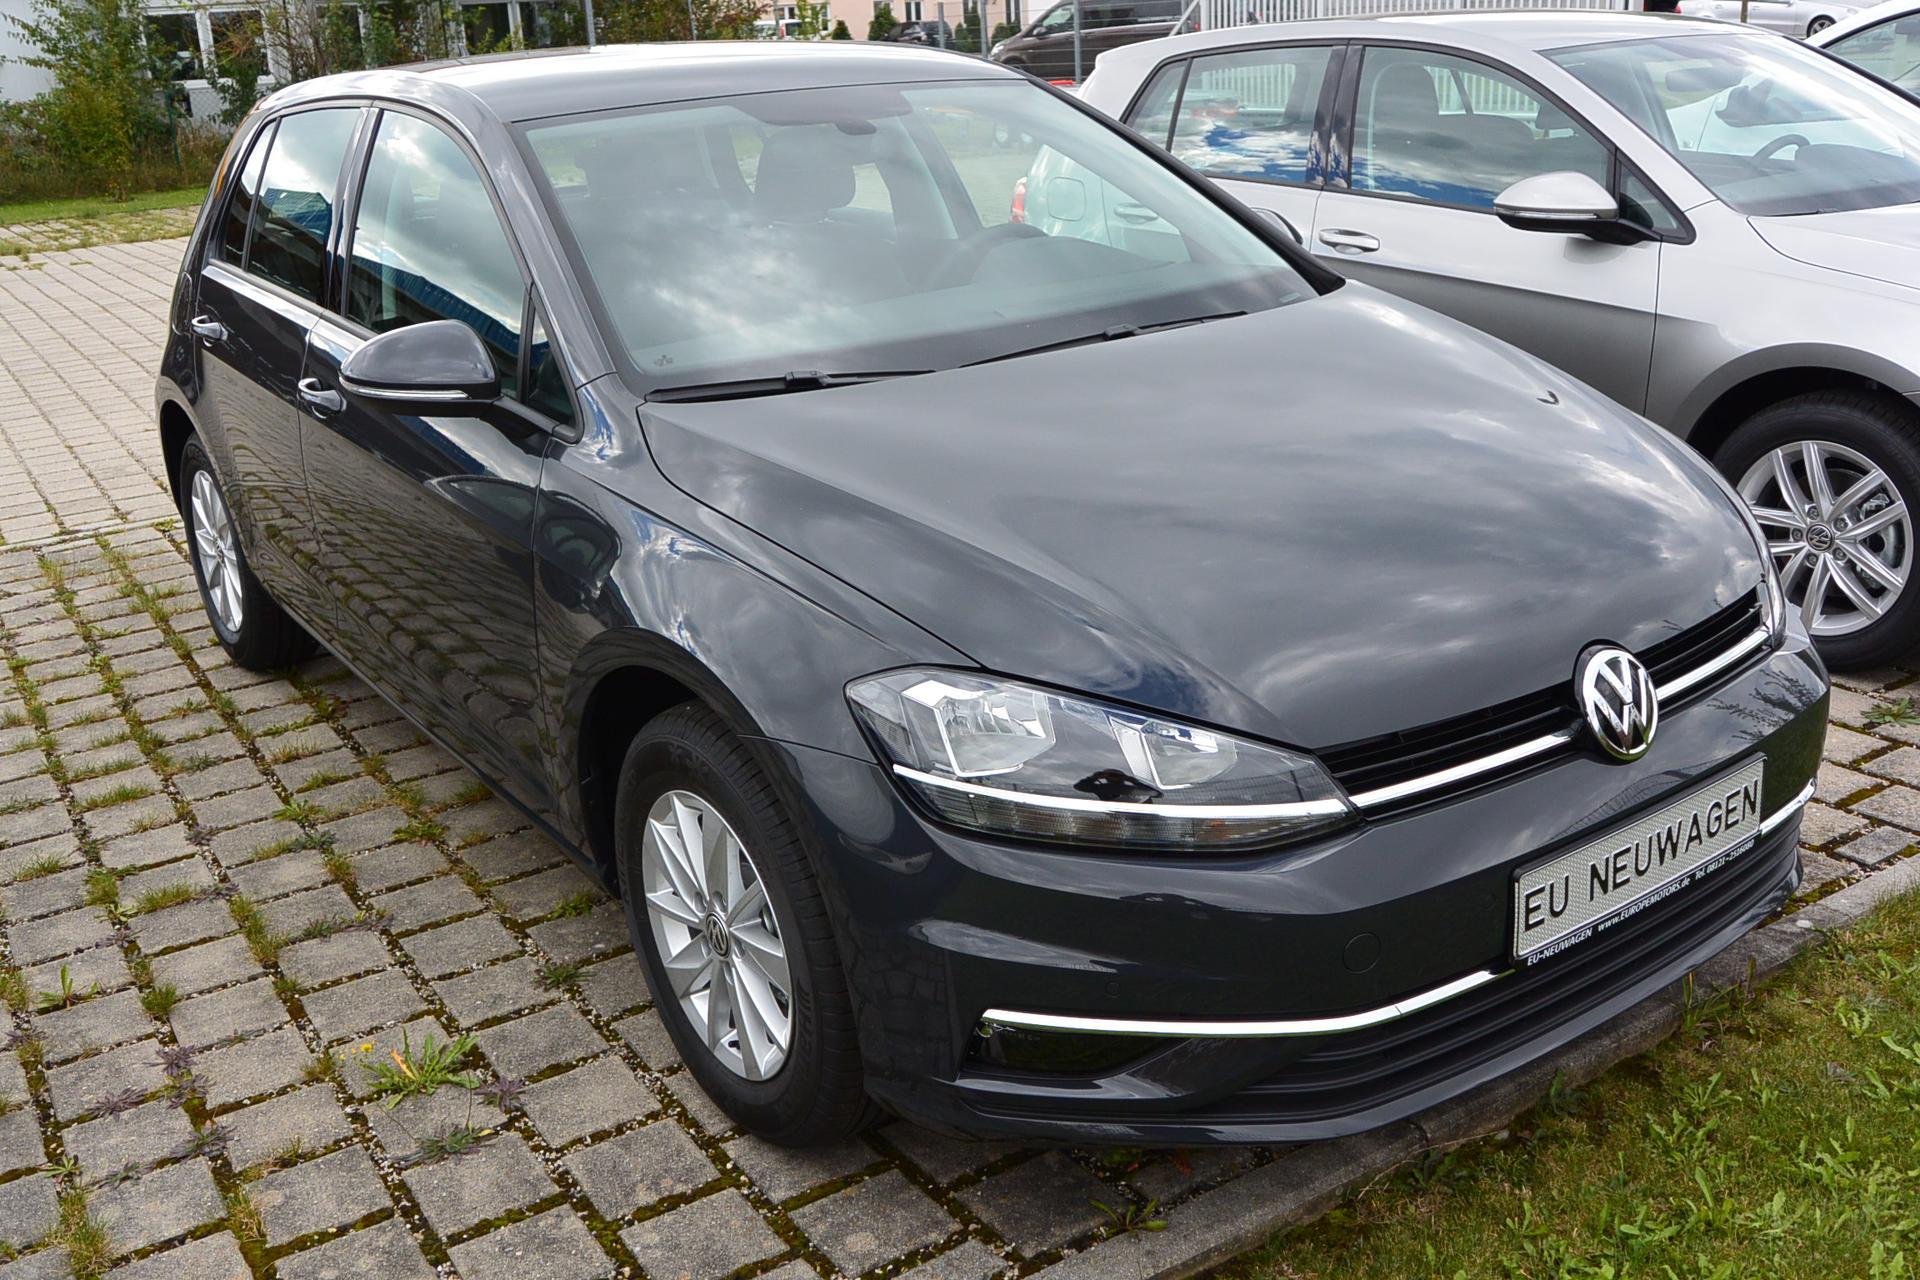 Volkswagen Golf fortline Reimport EU Neuwagen zum günstigen Preis